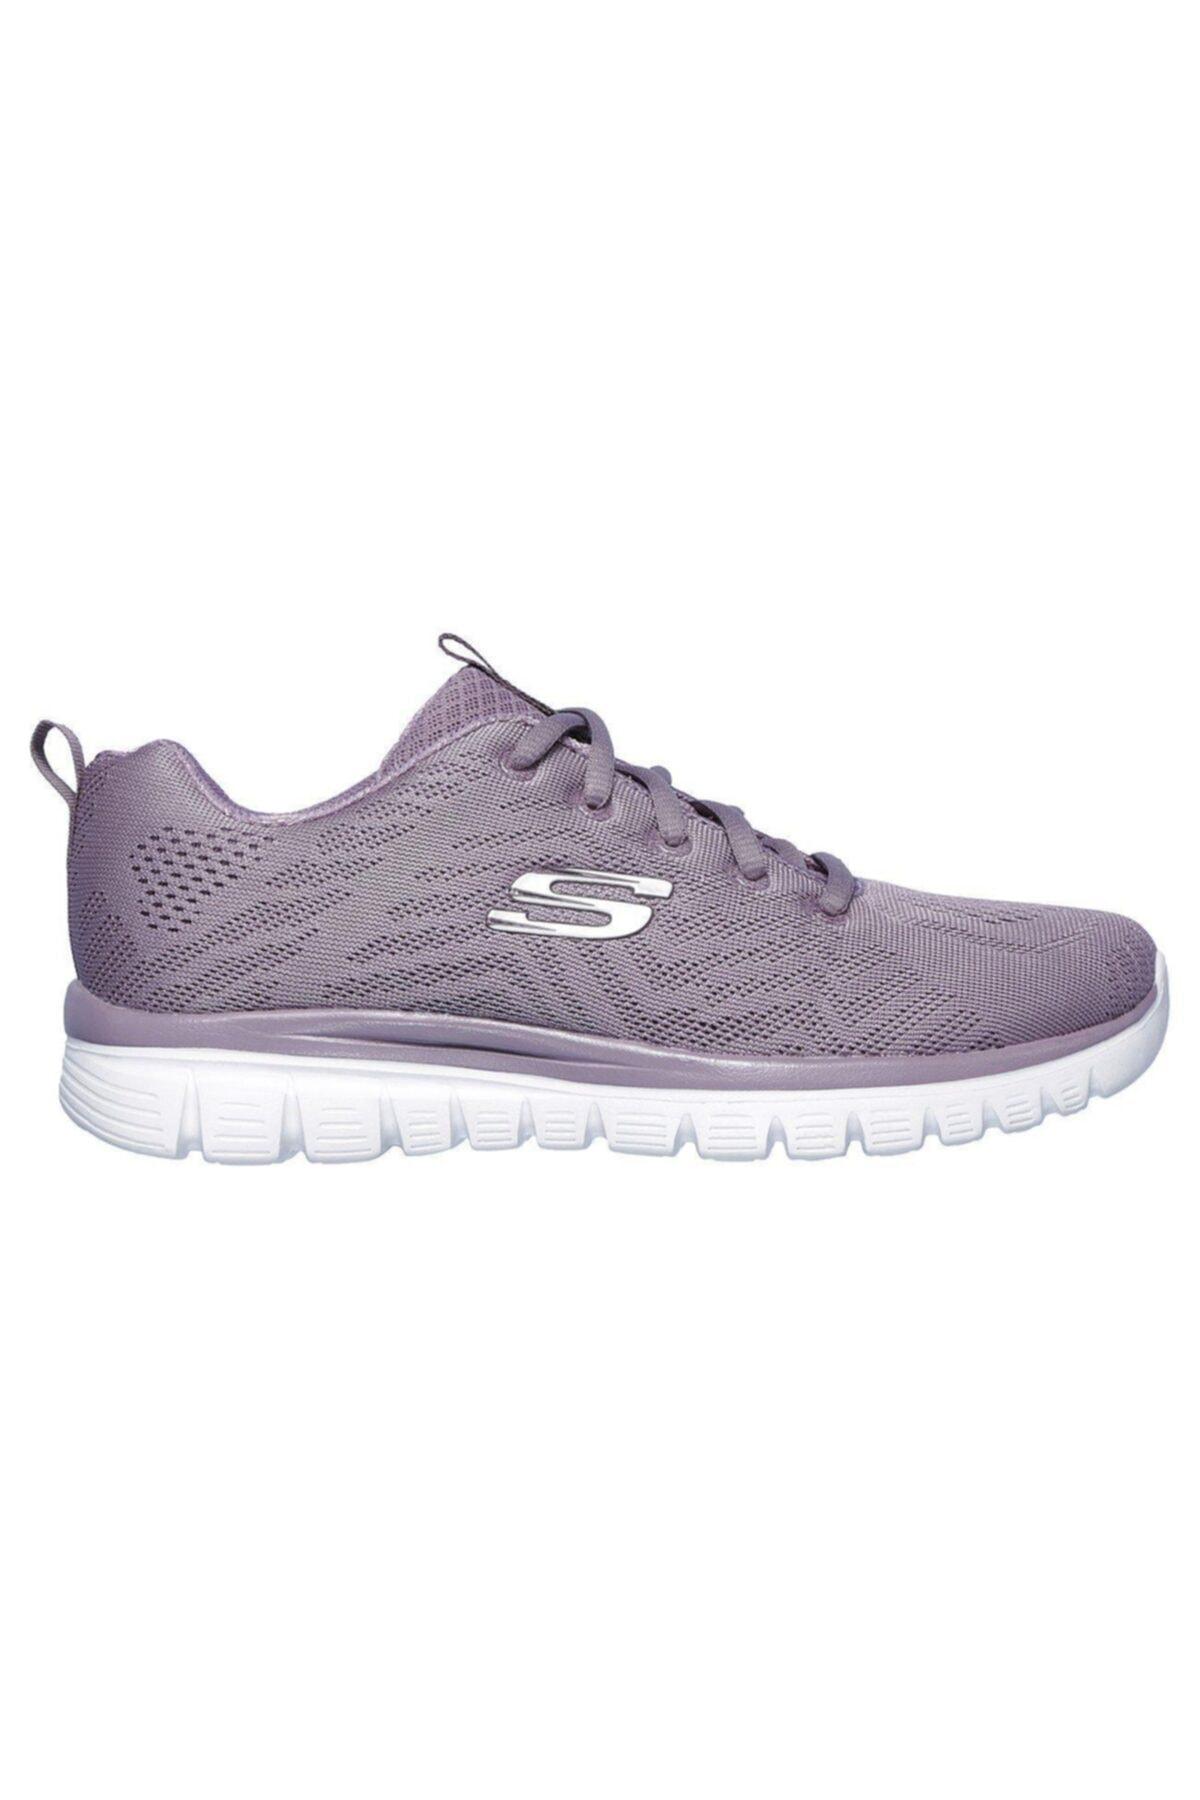 SKECHERS Graceful-get Connected Kadın Spor Ayakkabı 2